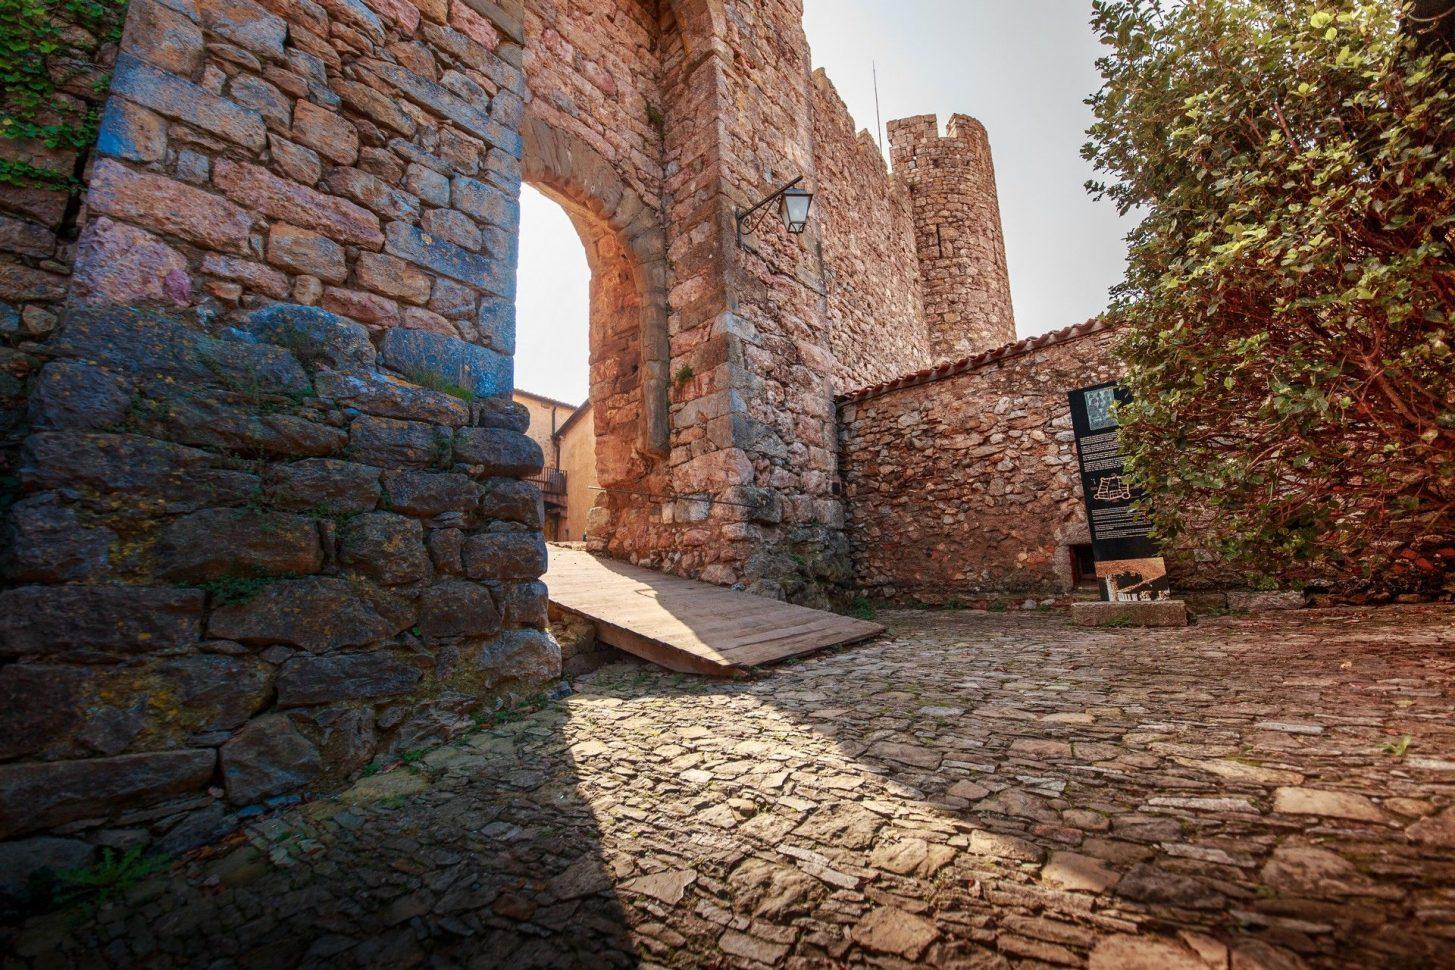 Le pont-levis au Château de Villerouge Terménes © Vincent Photographie, Conseil départemental de l'Aude